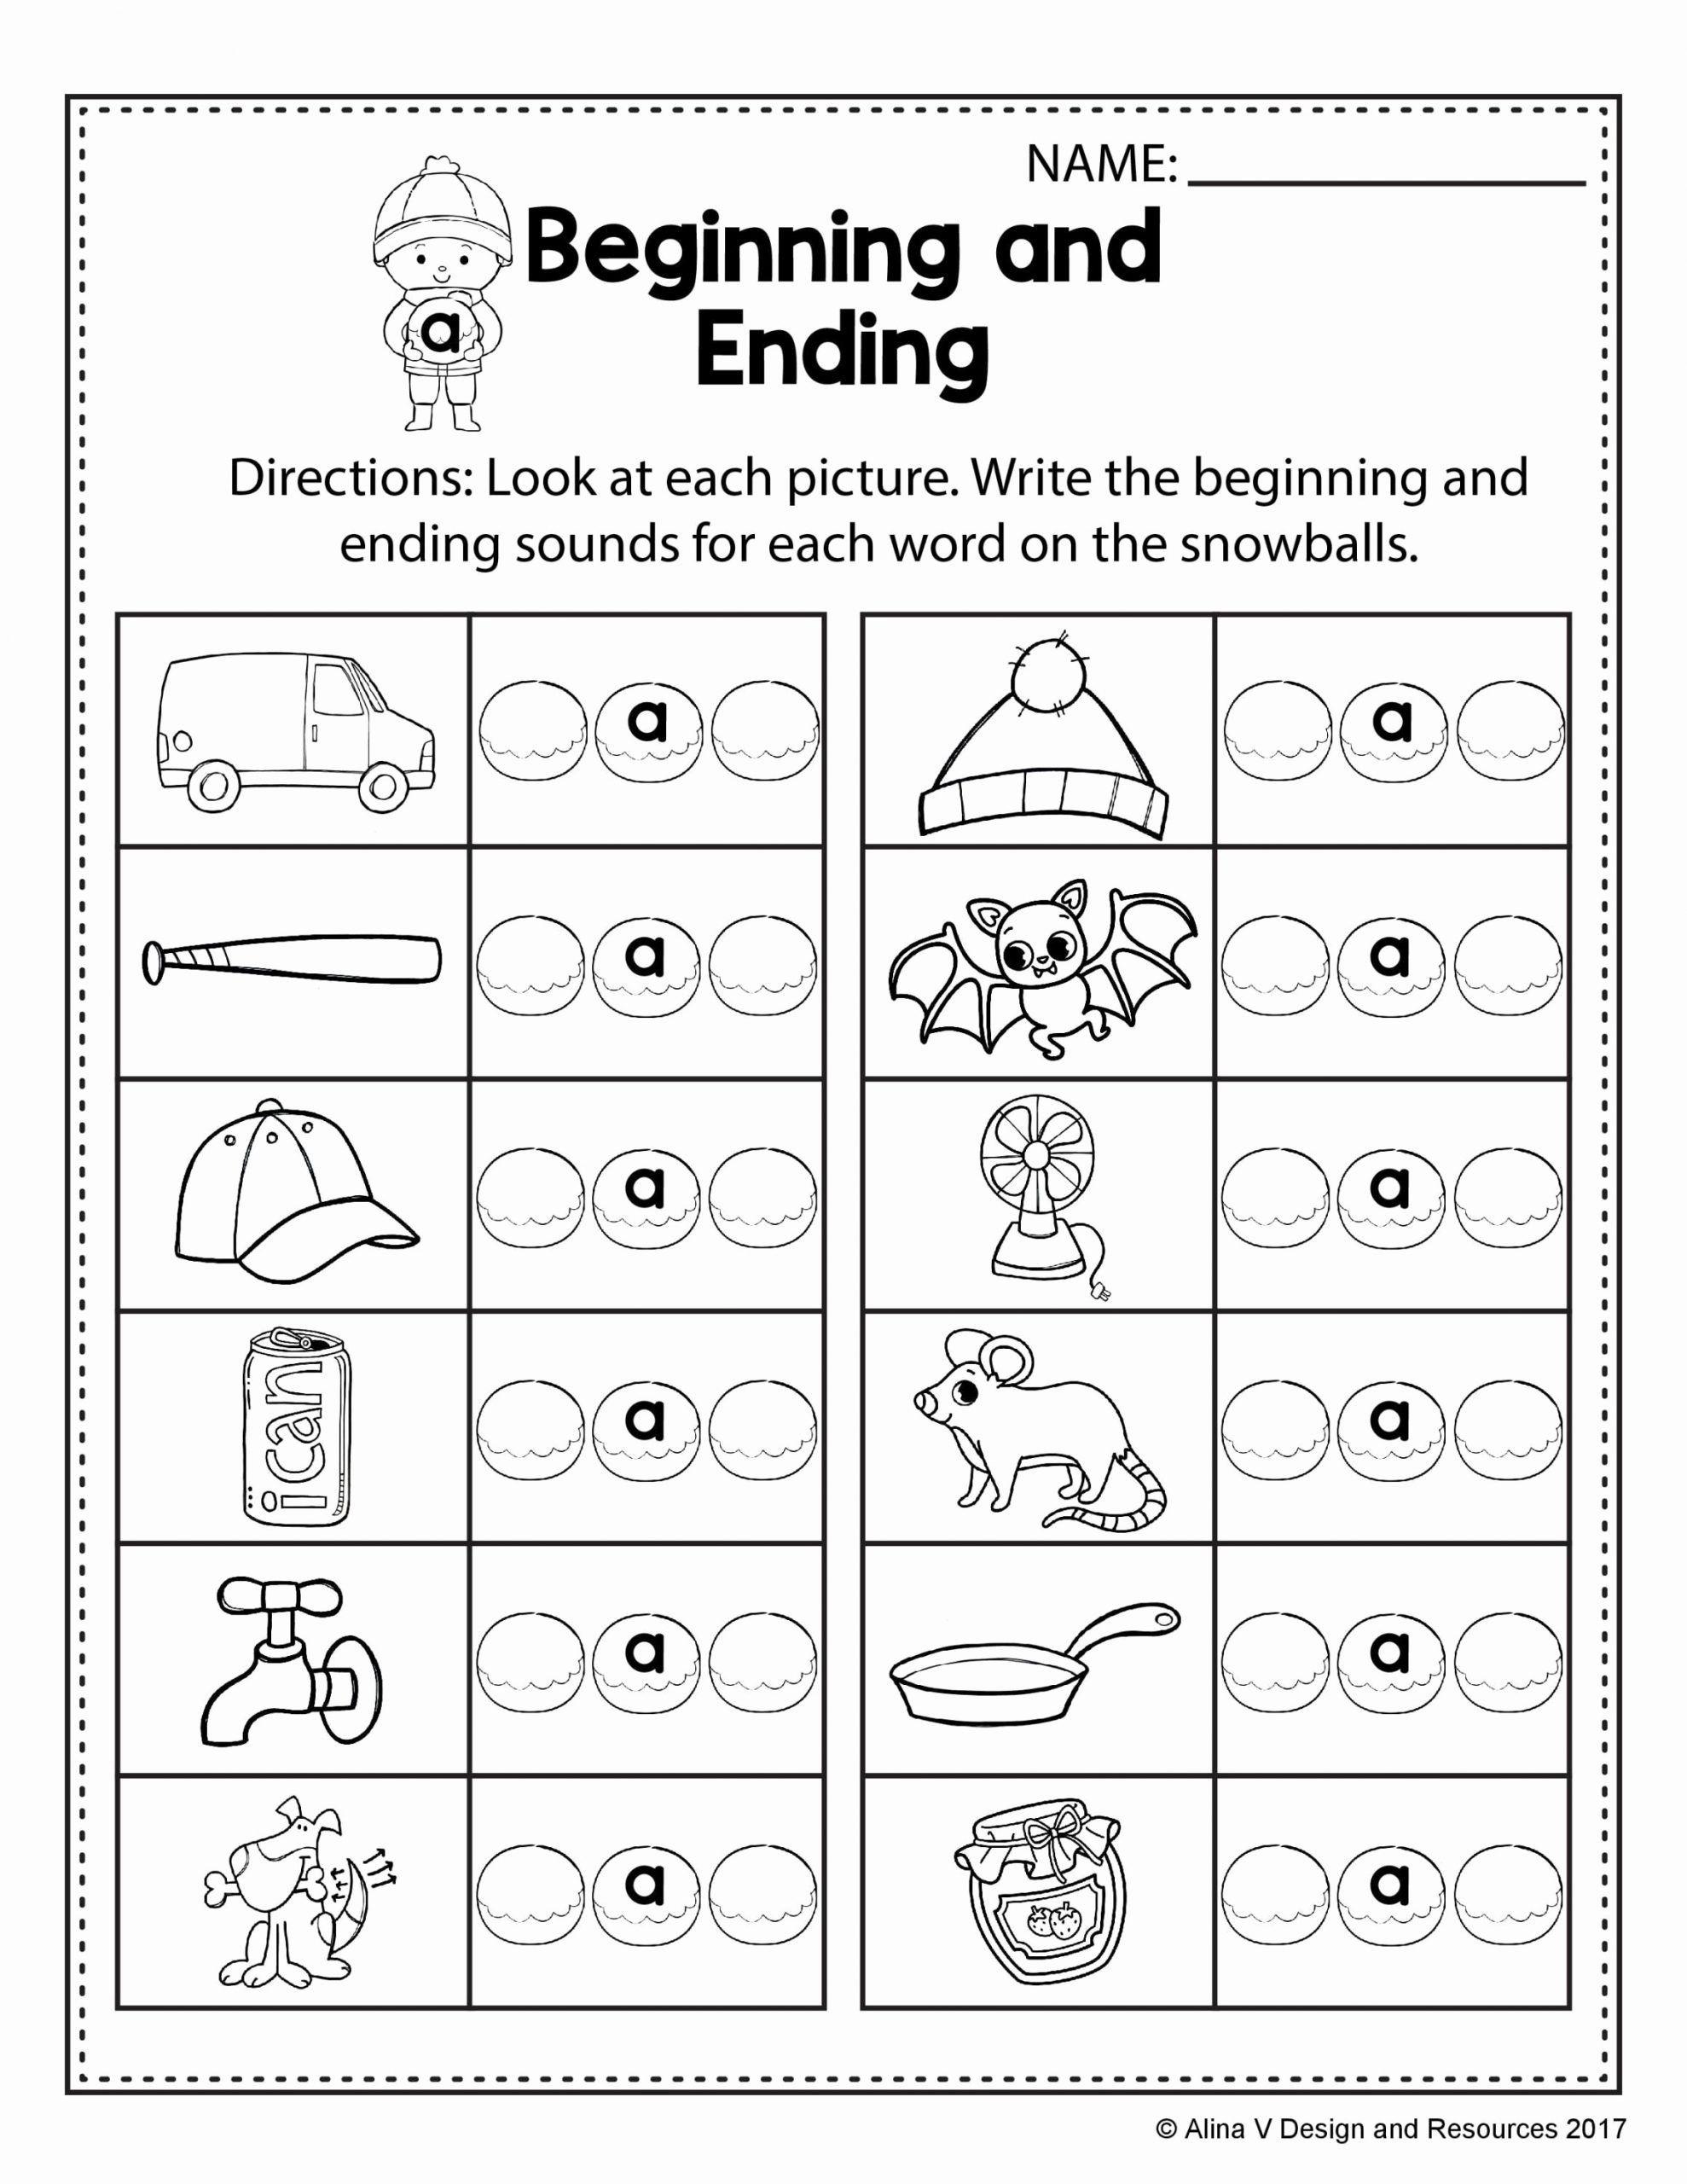 Free Ending Sounds Worksheets Fresh Ending Sounds Worksheets In 2020 Rhyming Worksheet Cvc Worksheets Kindergarten Cvc Words Worksheets